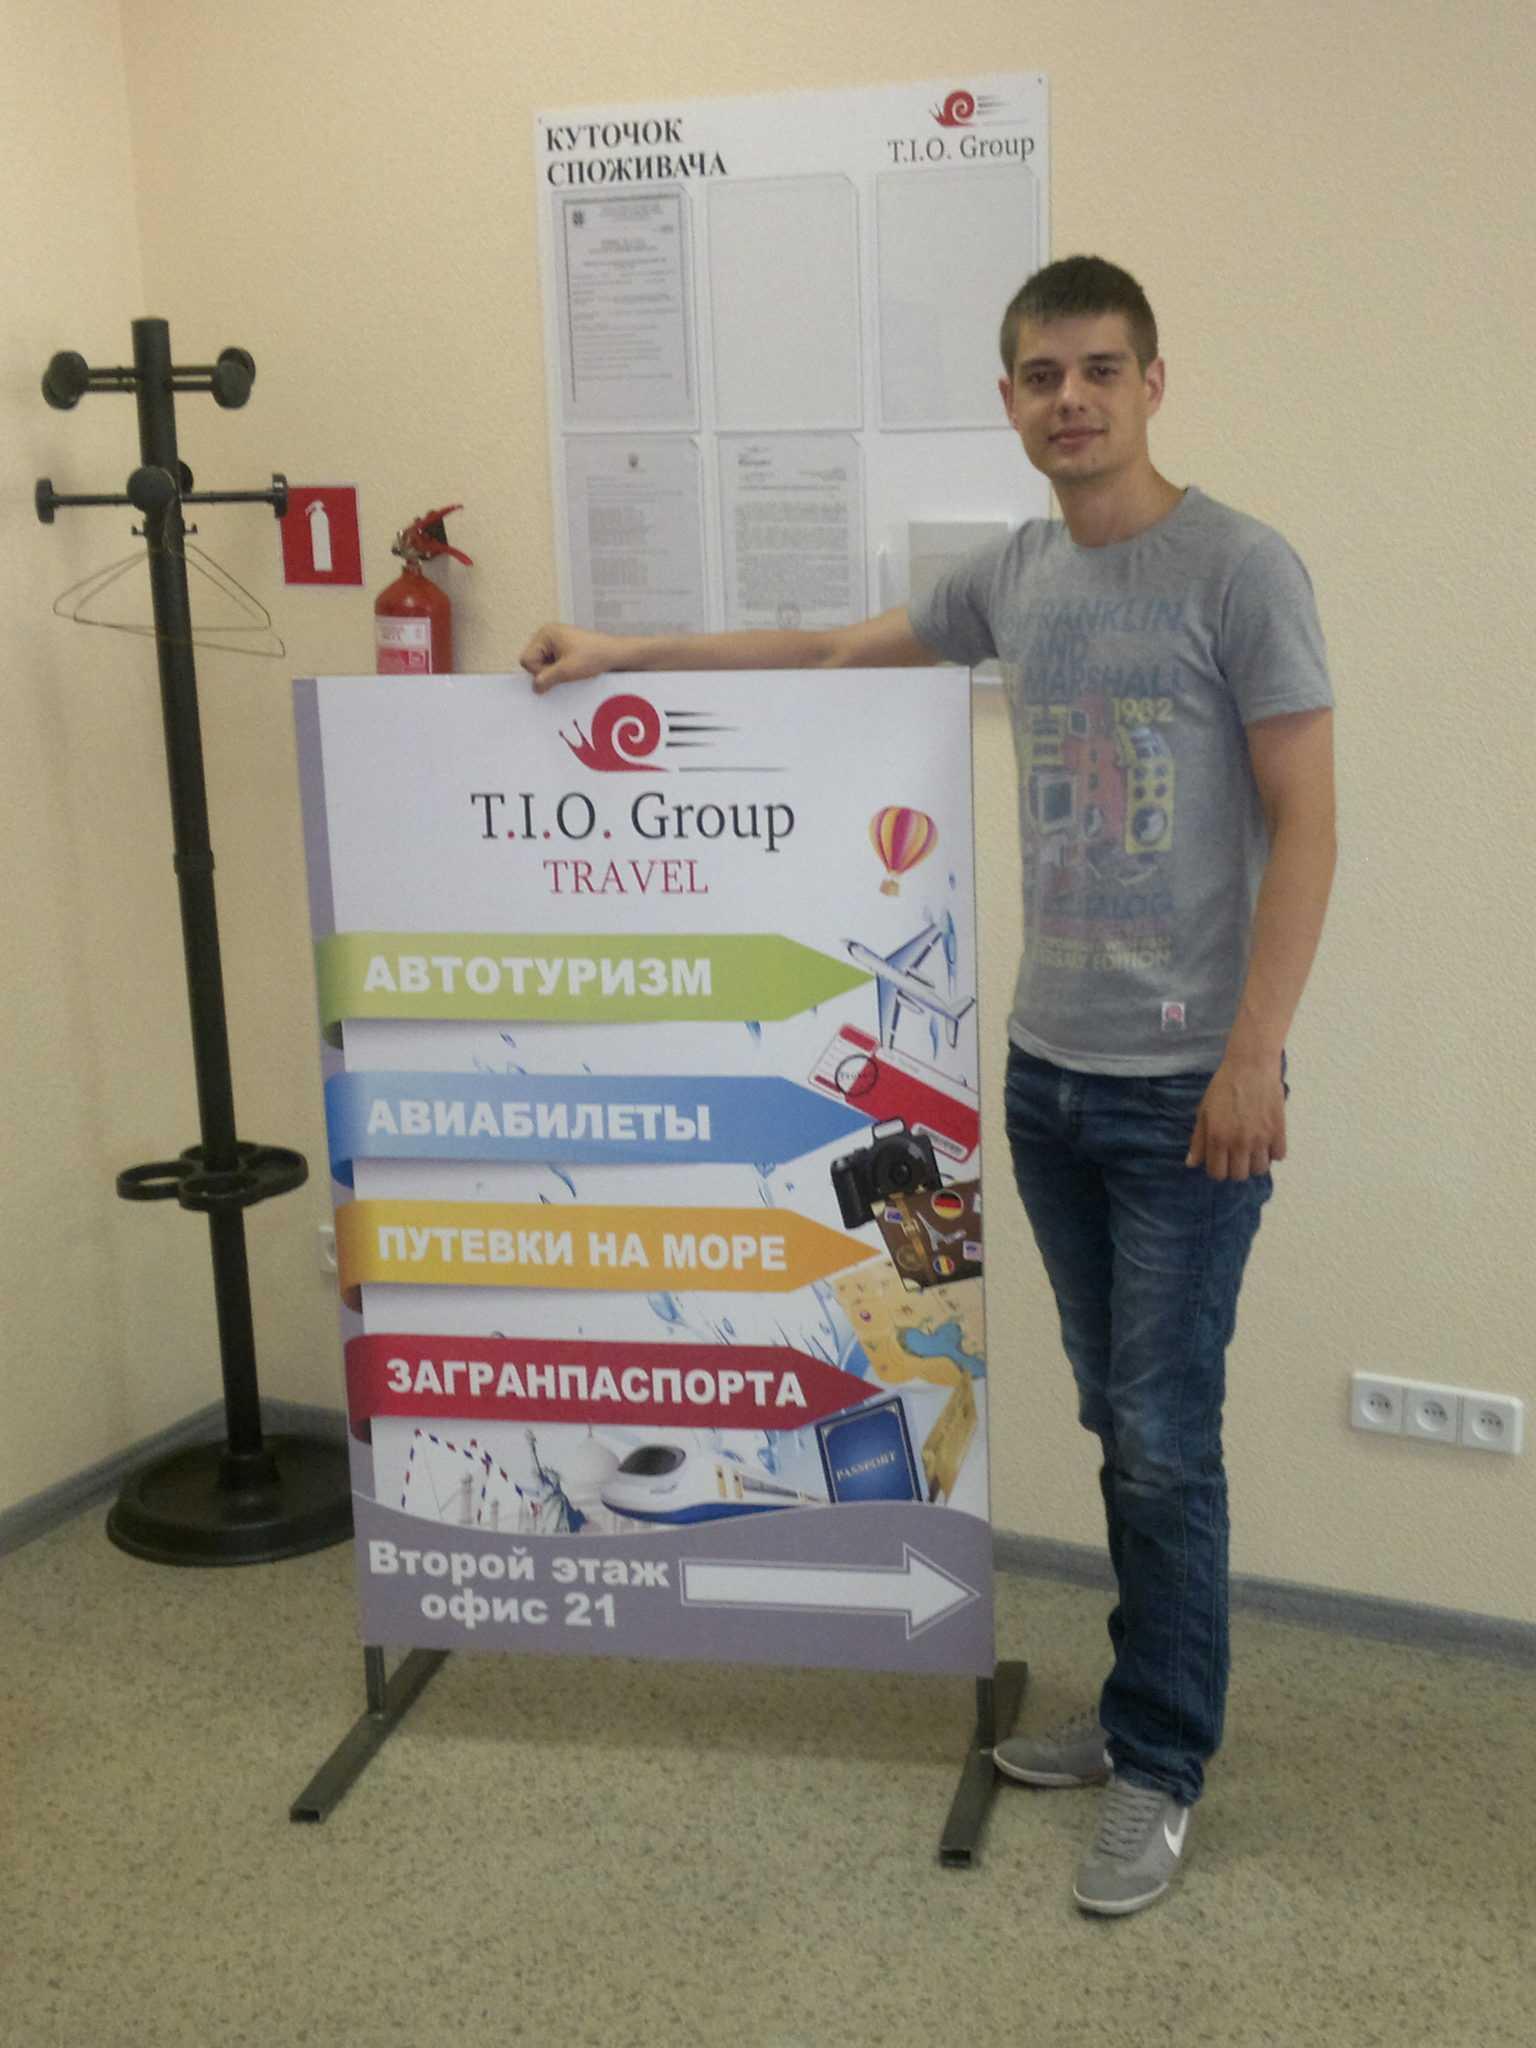 TIO Group штендер